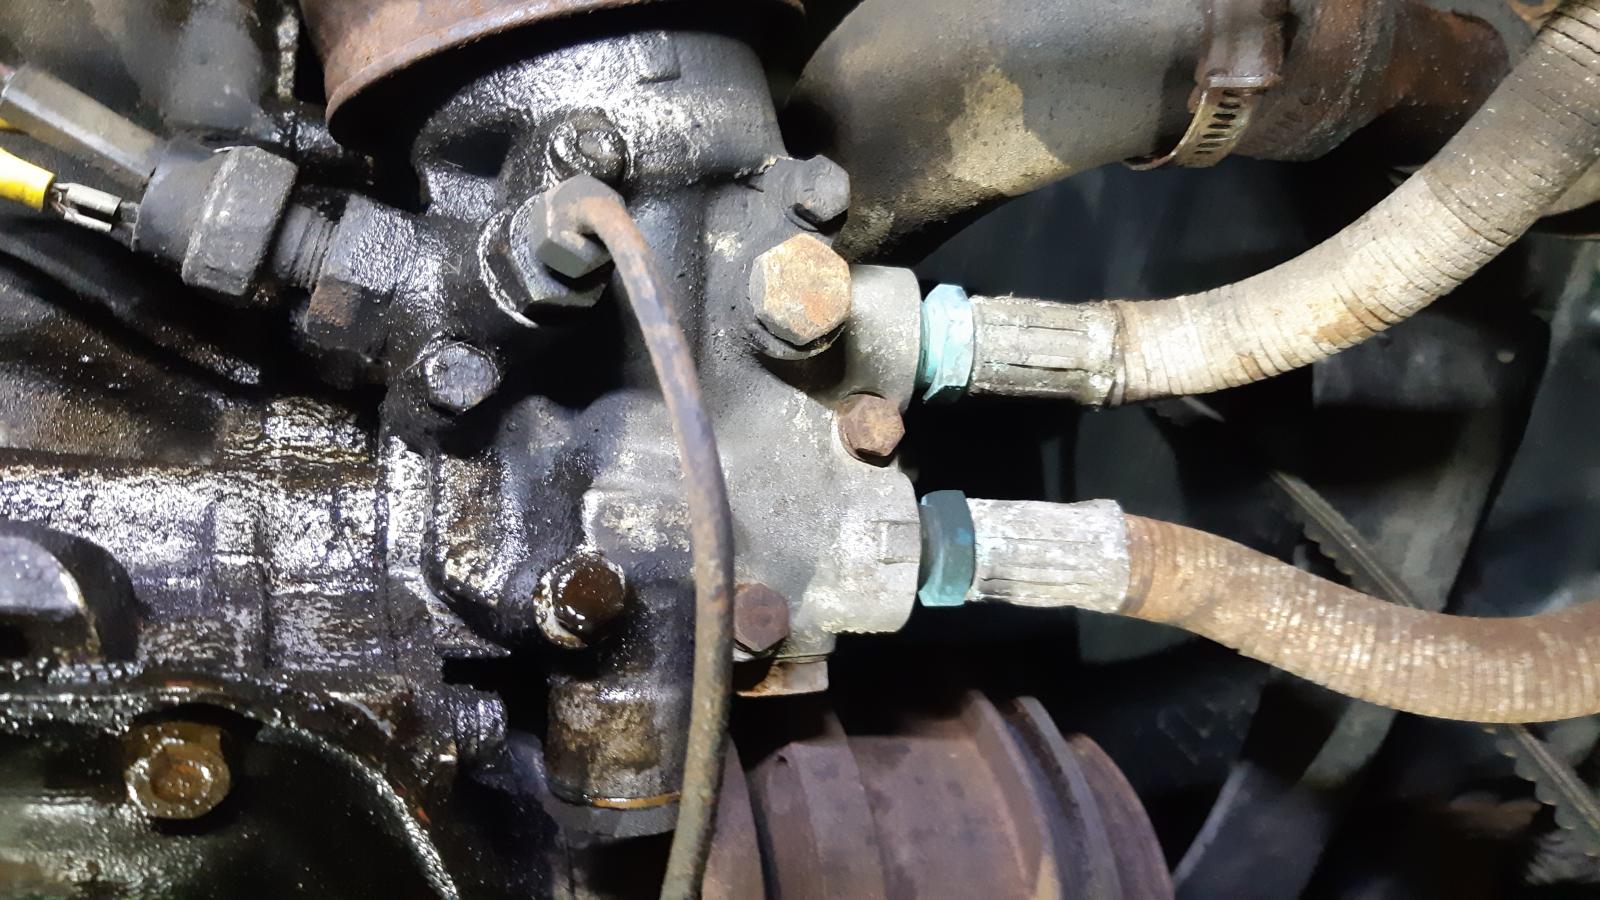 Die Leitungen zum Ölkühler.